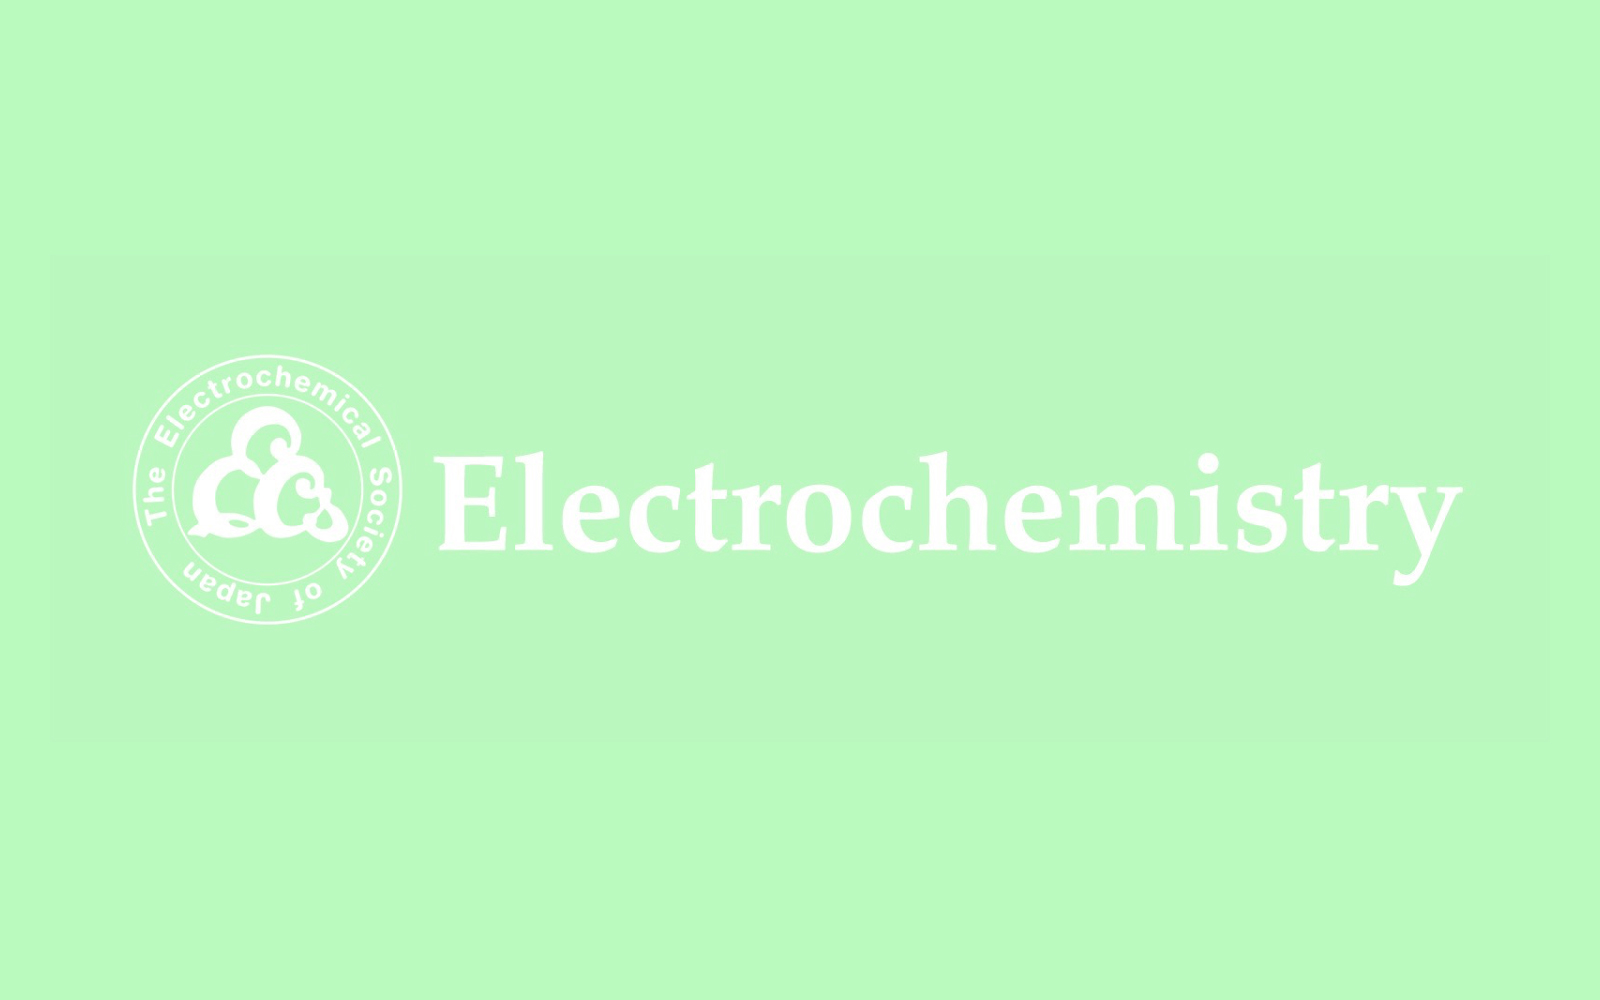 Electrochemistry  banner